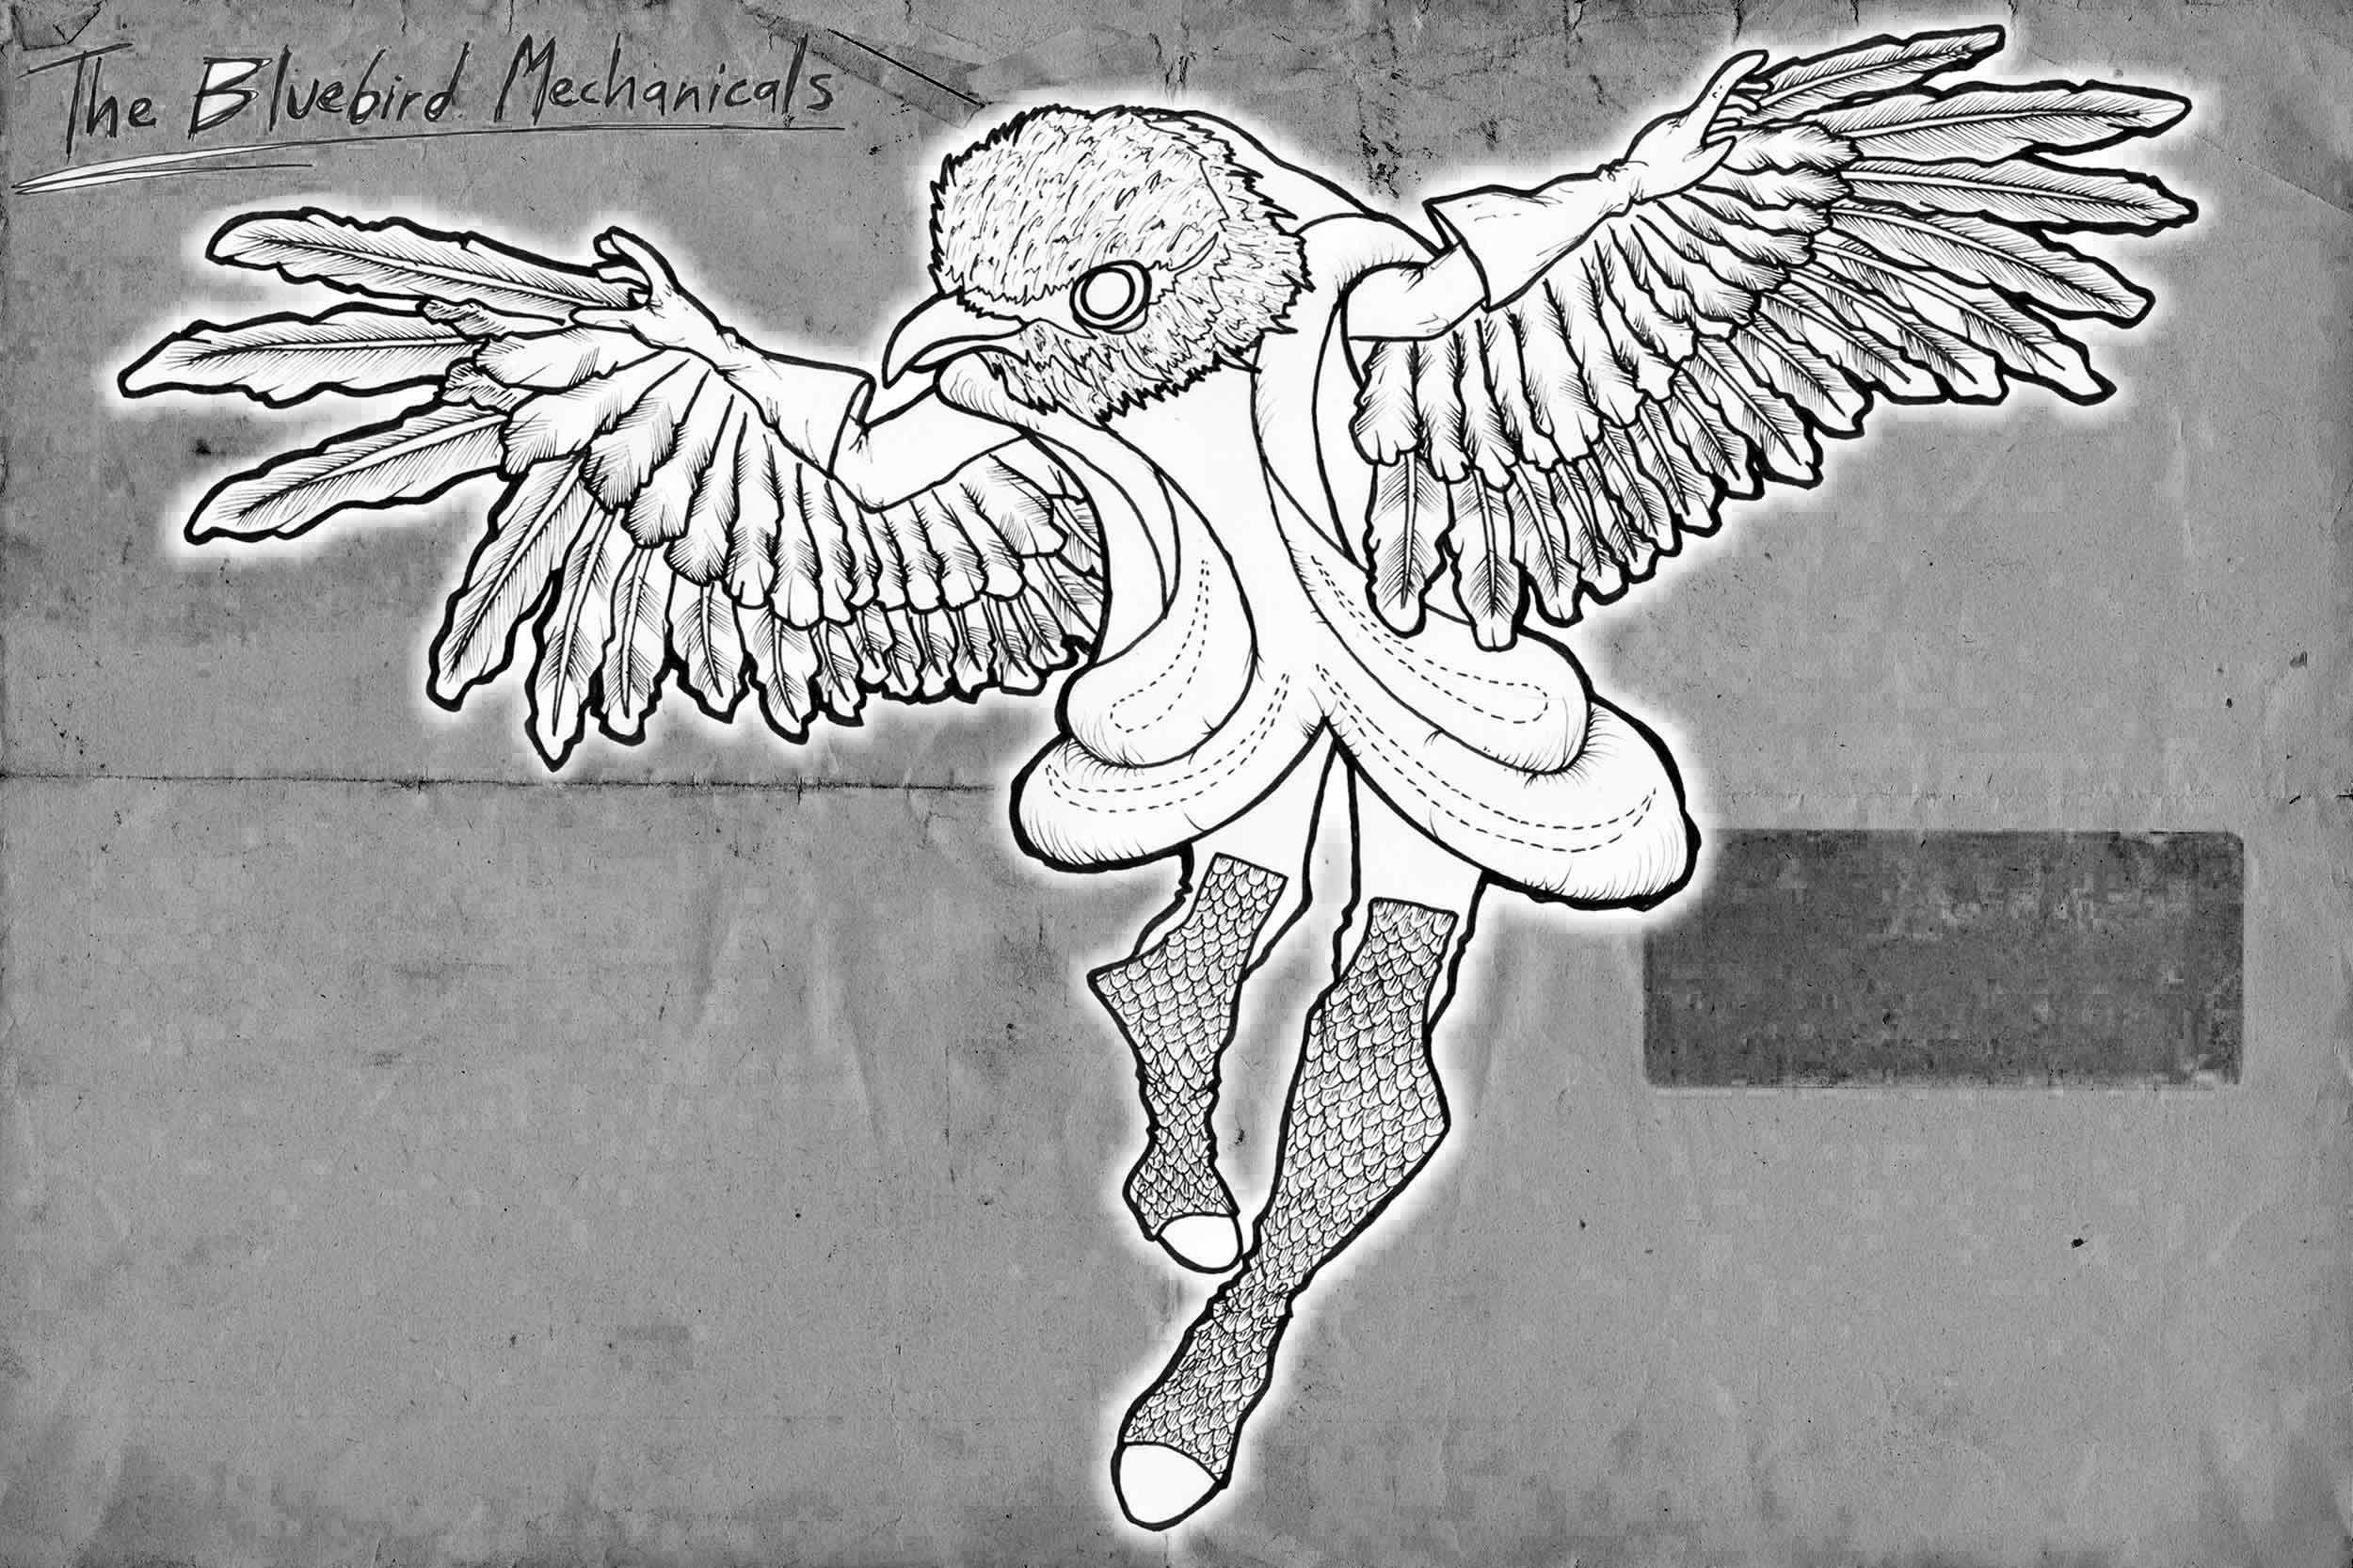 BLUEBIRD-MECHANICALS-5-CRIS-BALDWIN.jpg